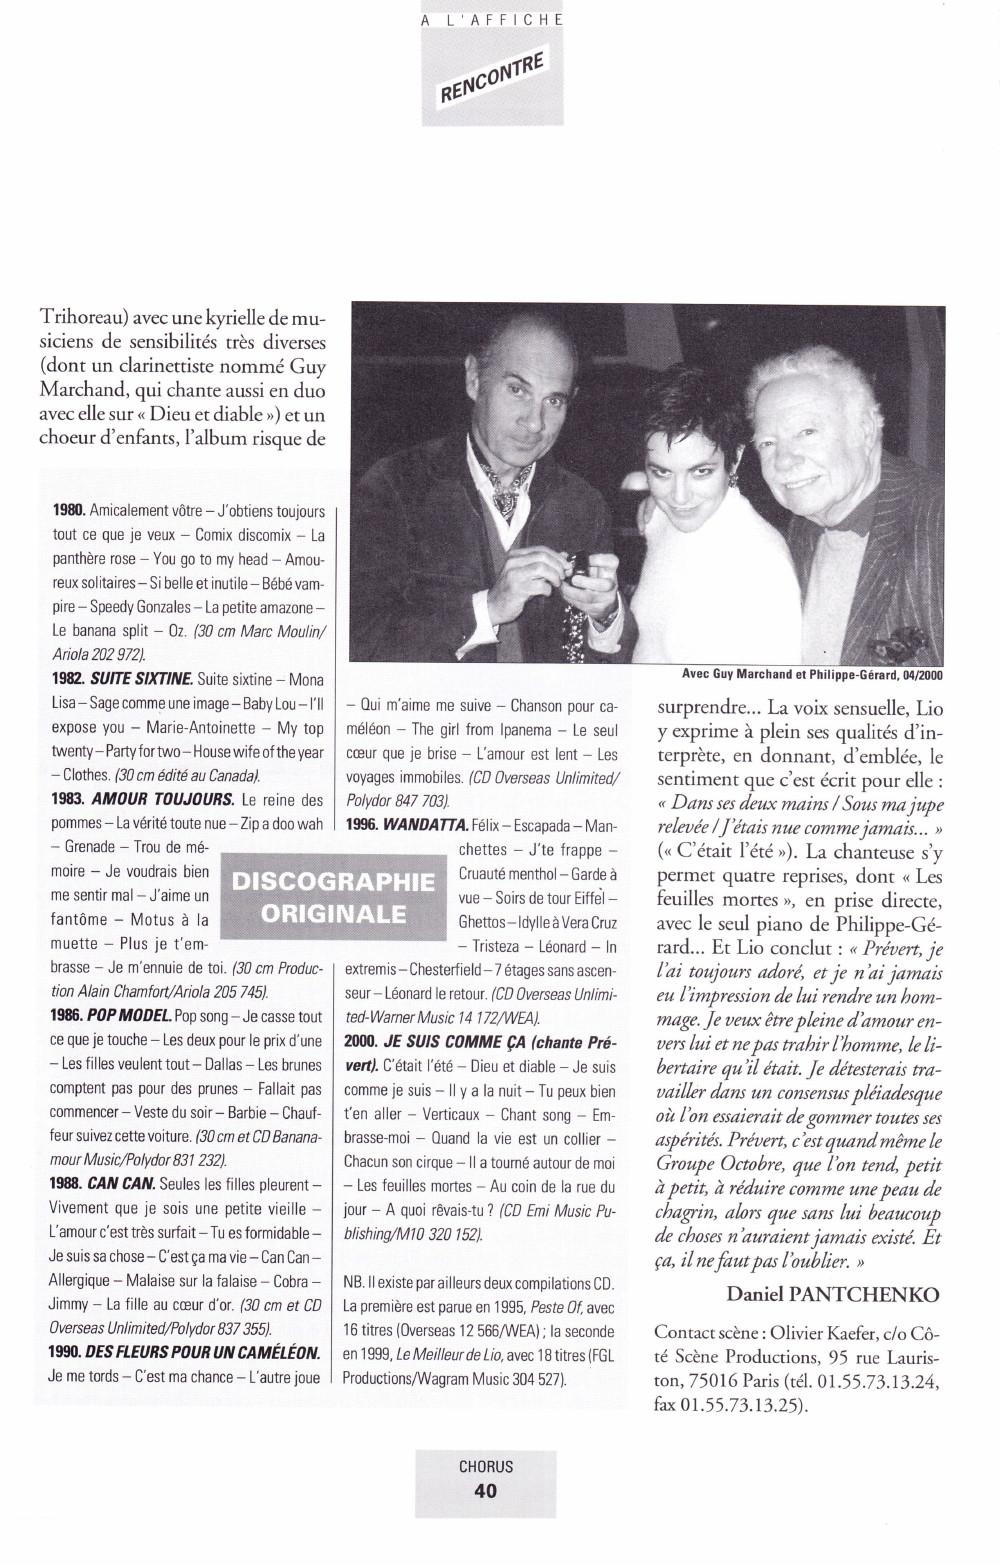 """Portrait/interview de LIO par DANIEL PANTCHENKO dans """"CHORUS"""" (été 2000) 13111012214616724011718827"""